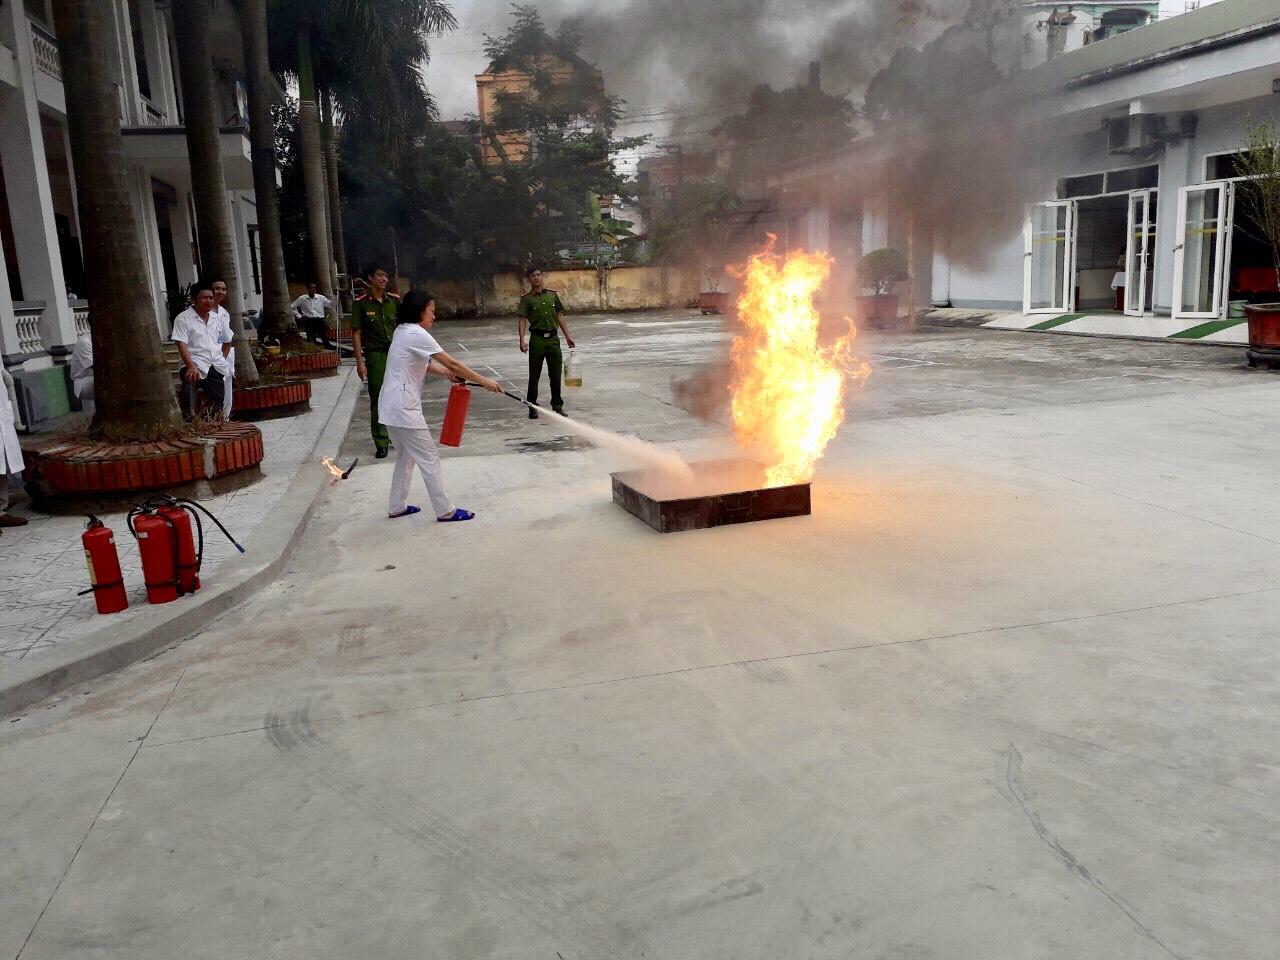 Bệnh viện Lao và Bệnh Phổi tỉnh Phú Thọ: Đảm bảo an toàn và chấp hành nghiêm chỉnh luật phòng cháy, chữa cháy - Ảnh 4